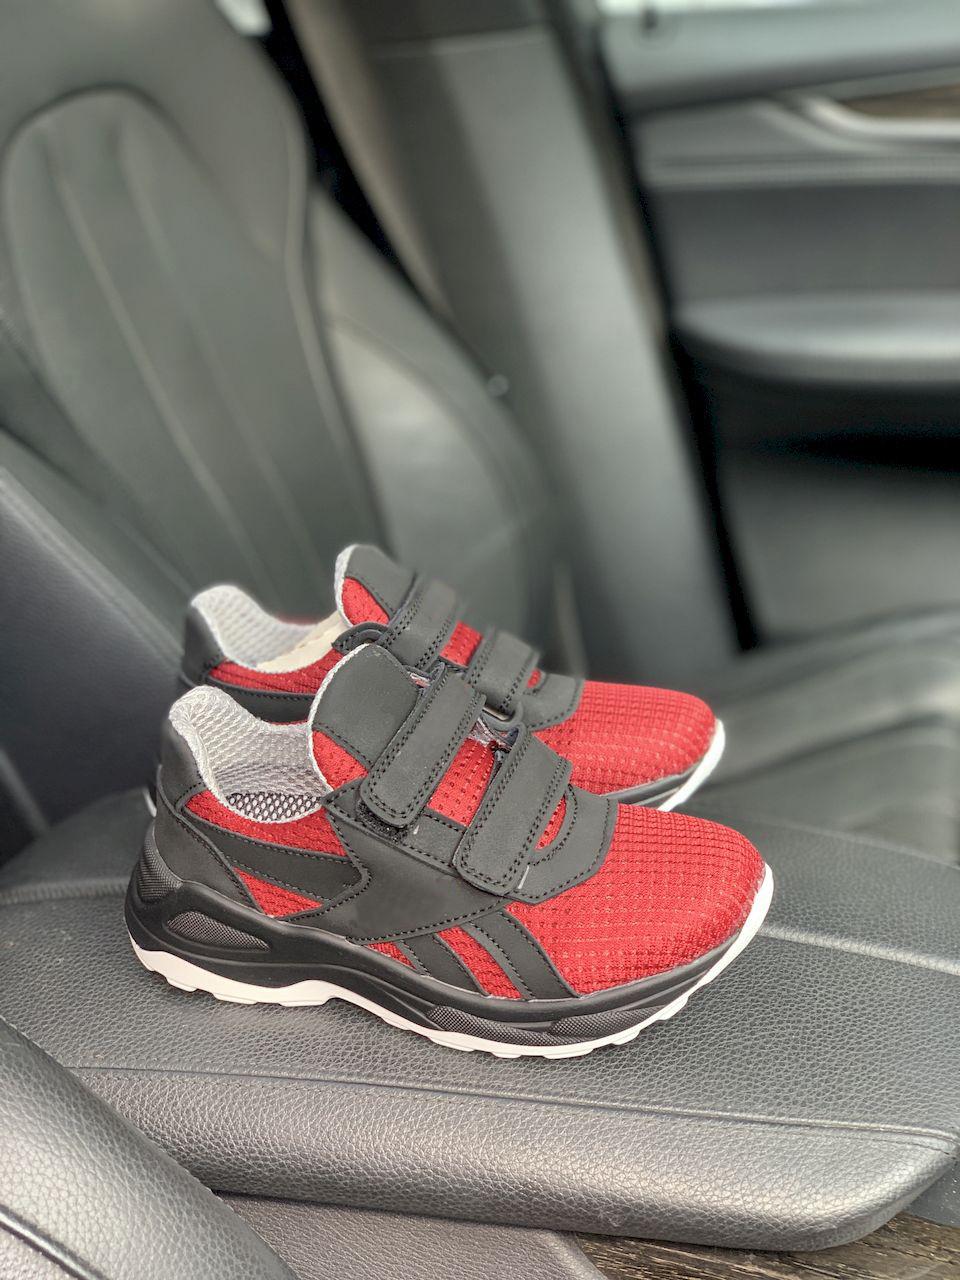 Дитячі кросівки текстильні літні червоні-чорні CrosSAV 12L Сітка год